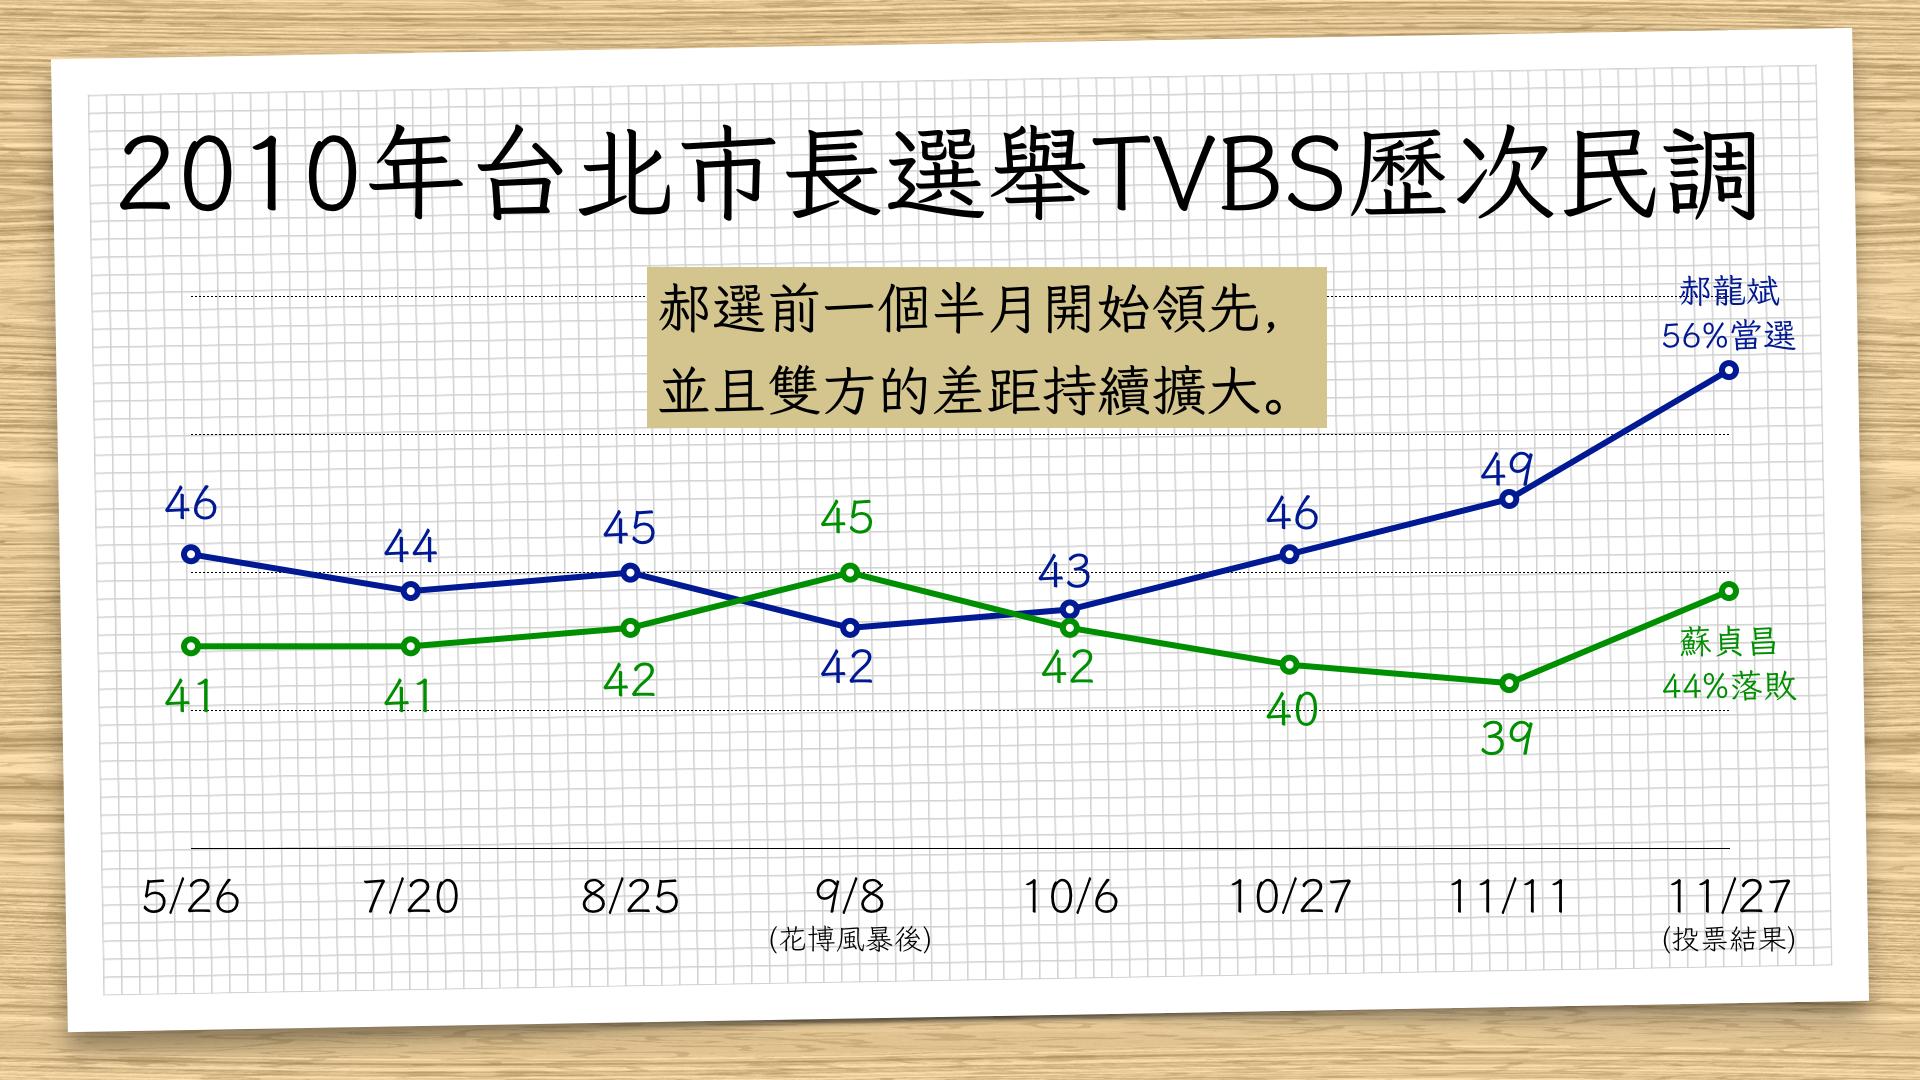 2010年台北市長選舉TVBS歷次民調